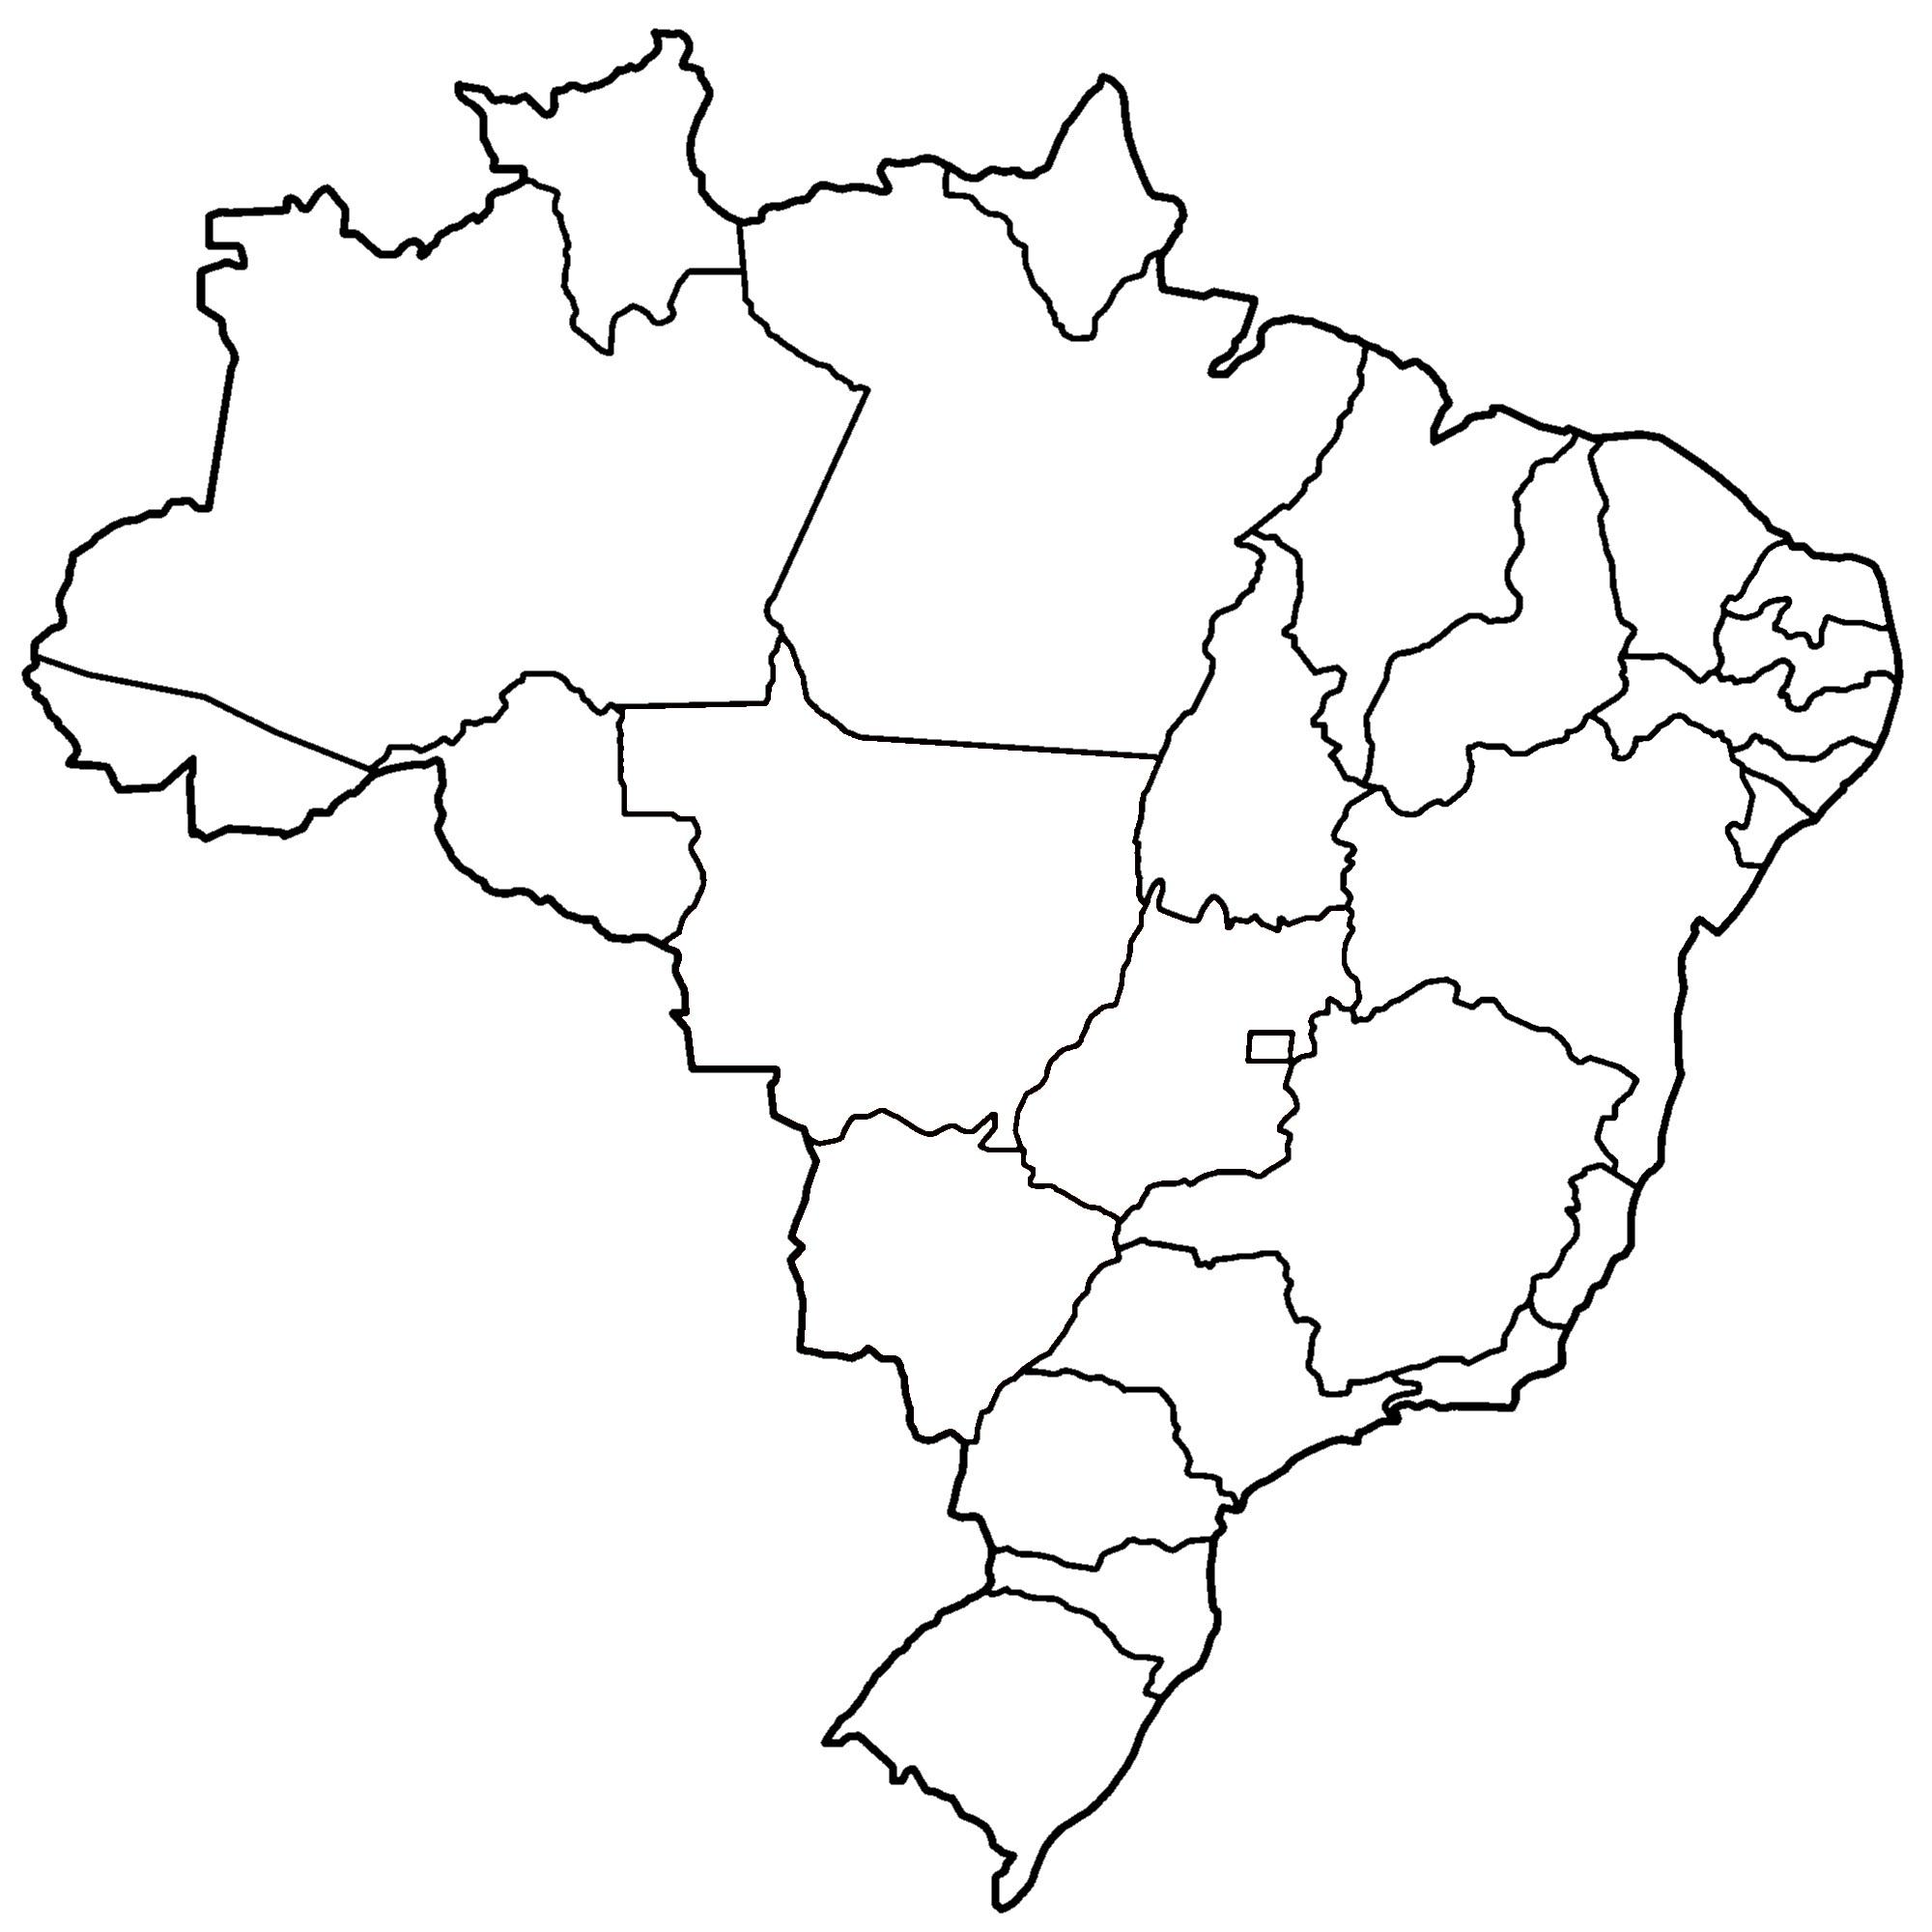 Mapa Do Brasil Por Estados E Regioes Em Branco E Colorido